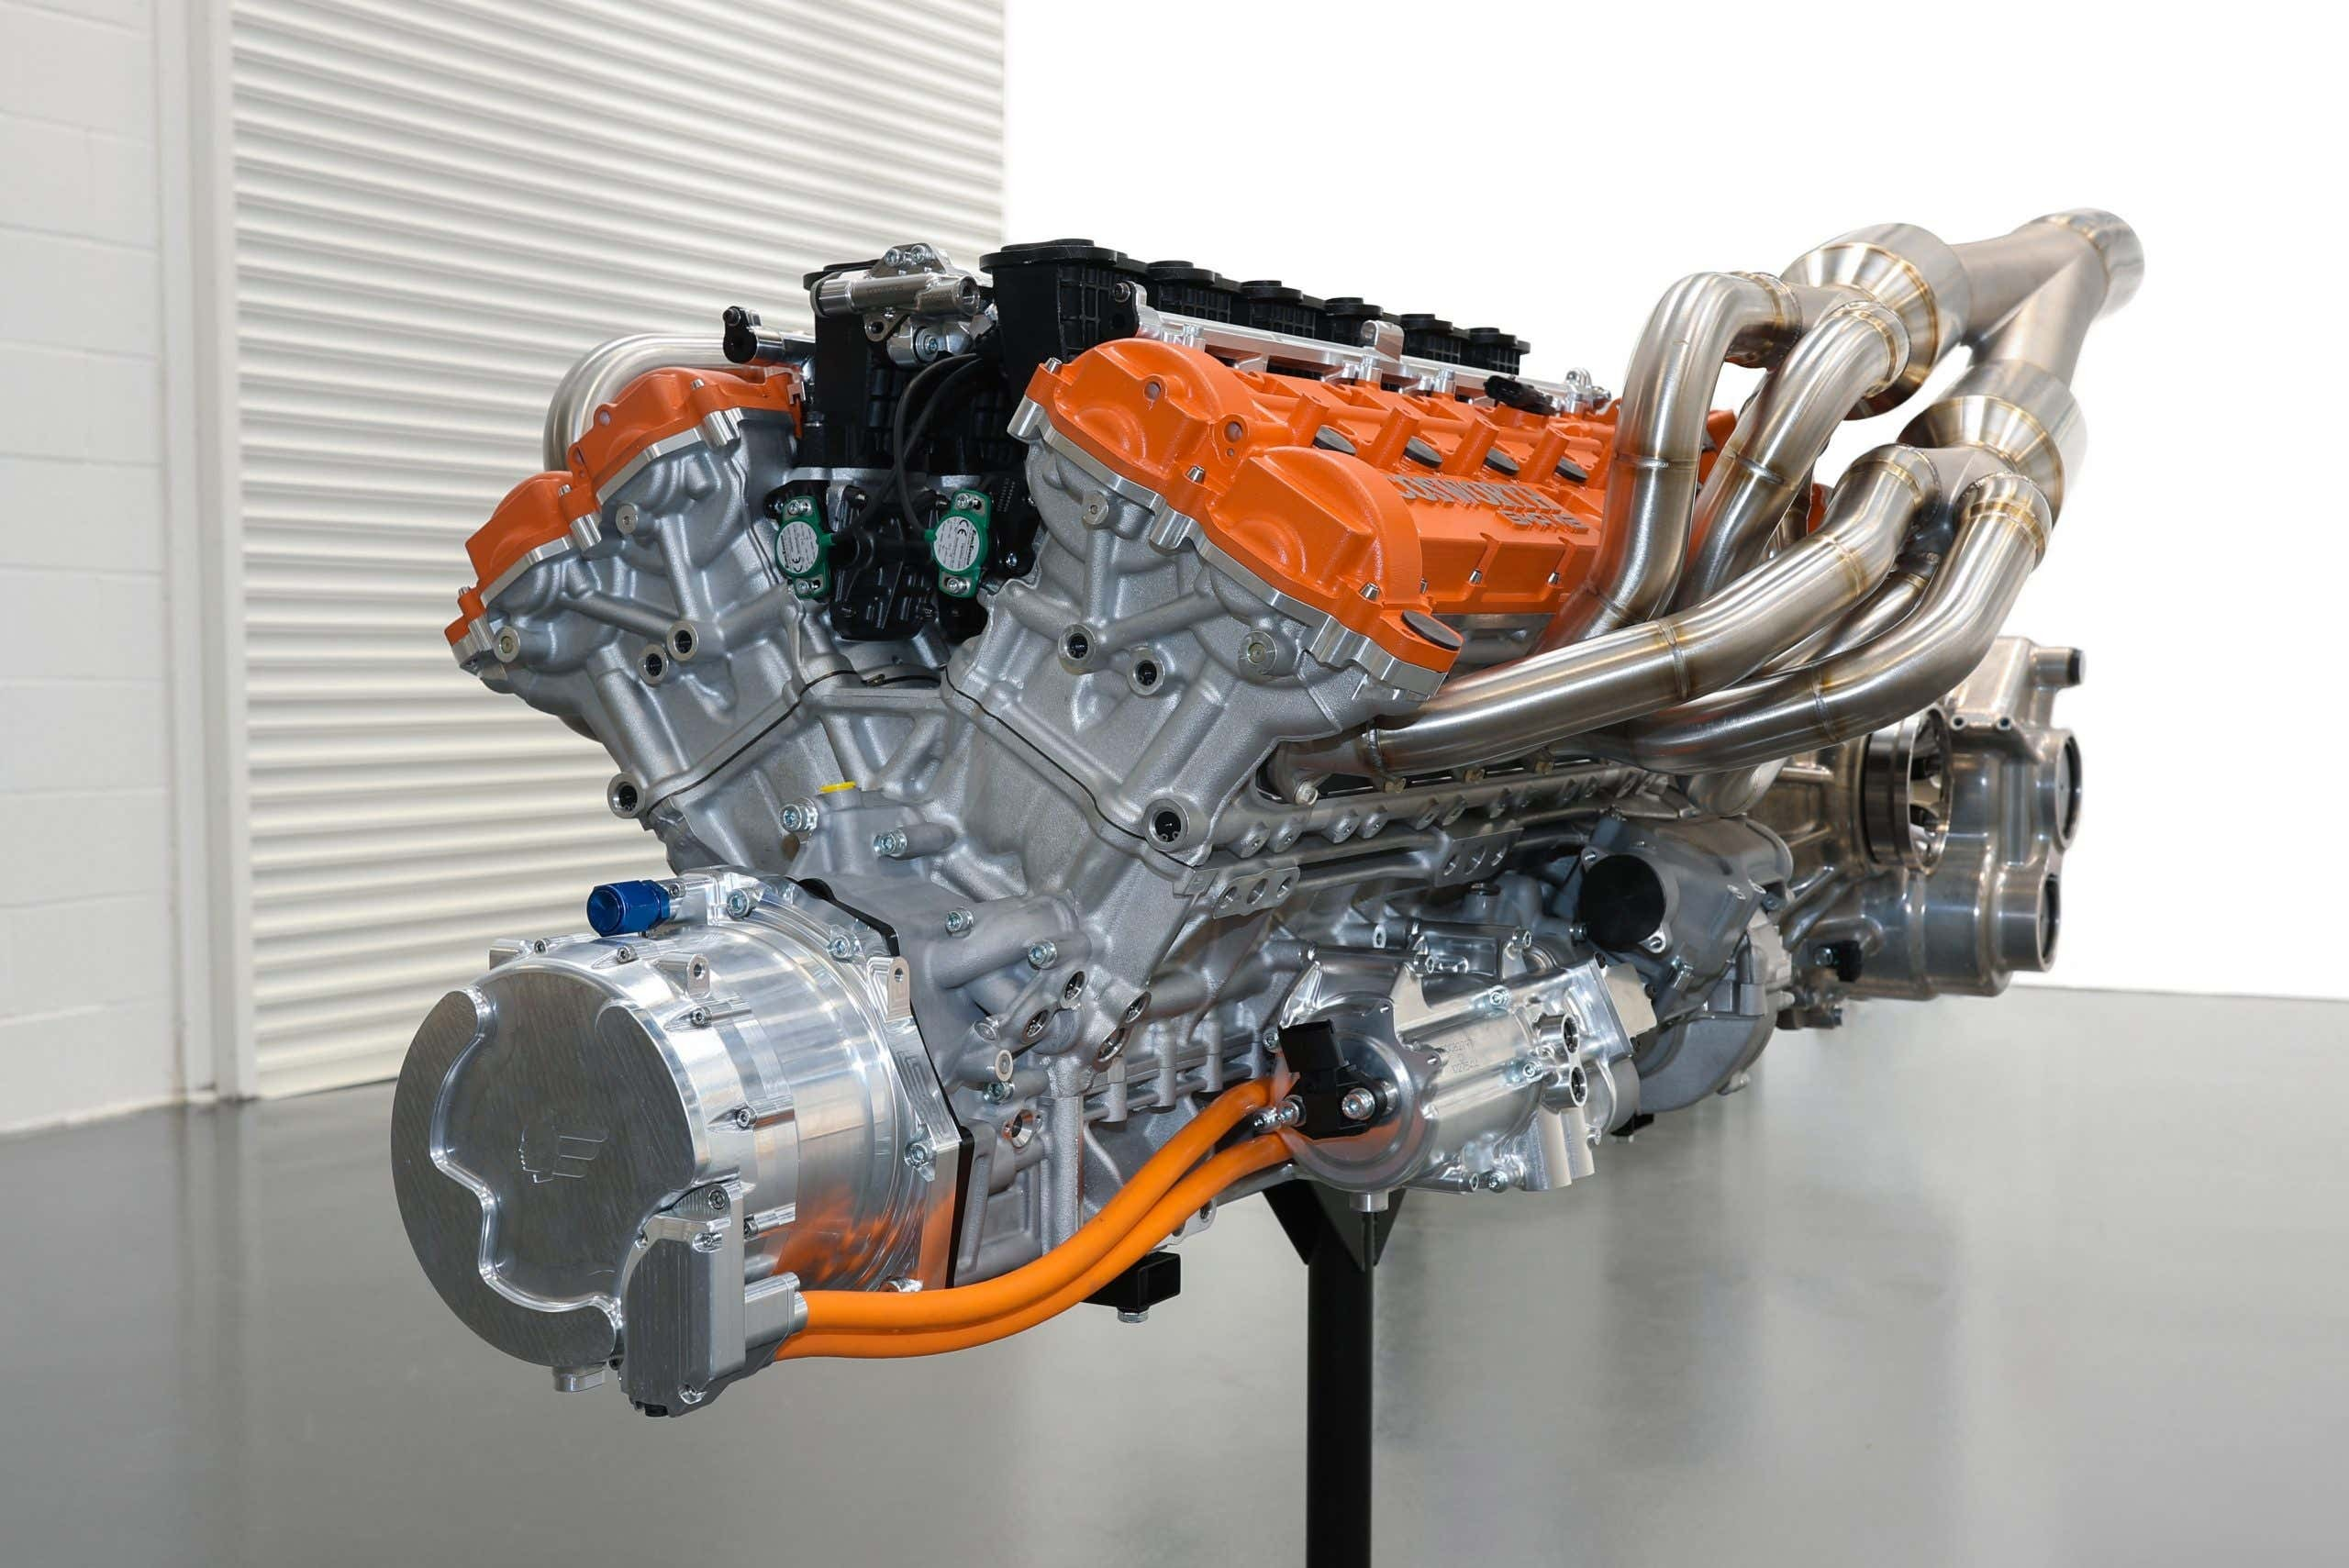 Um carro criado por Gordon Murray e que homenageia Niki Lauda não poderia contar com motor menos impressionante